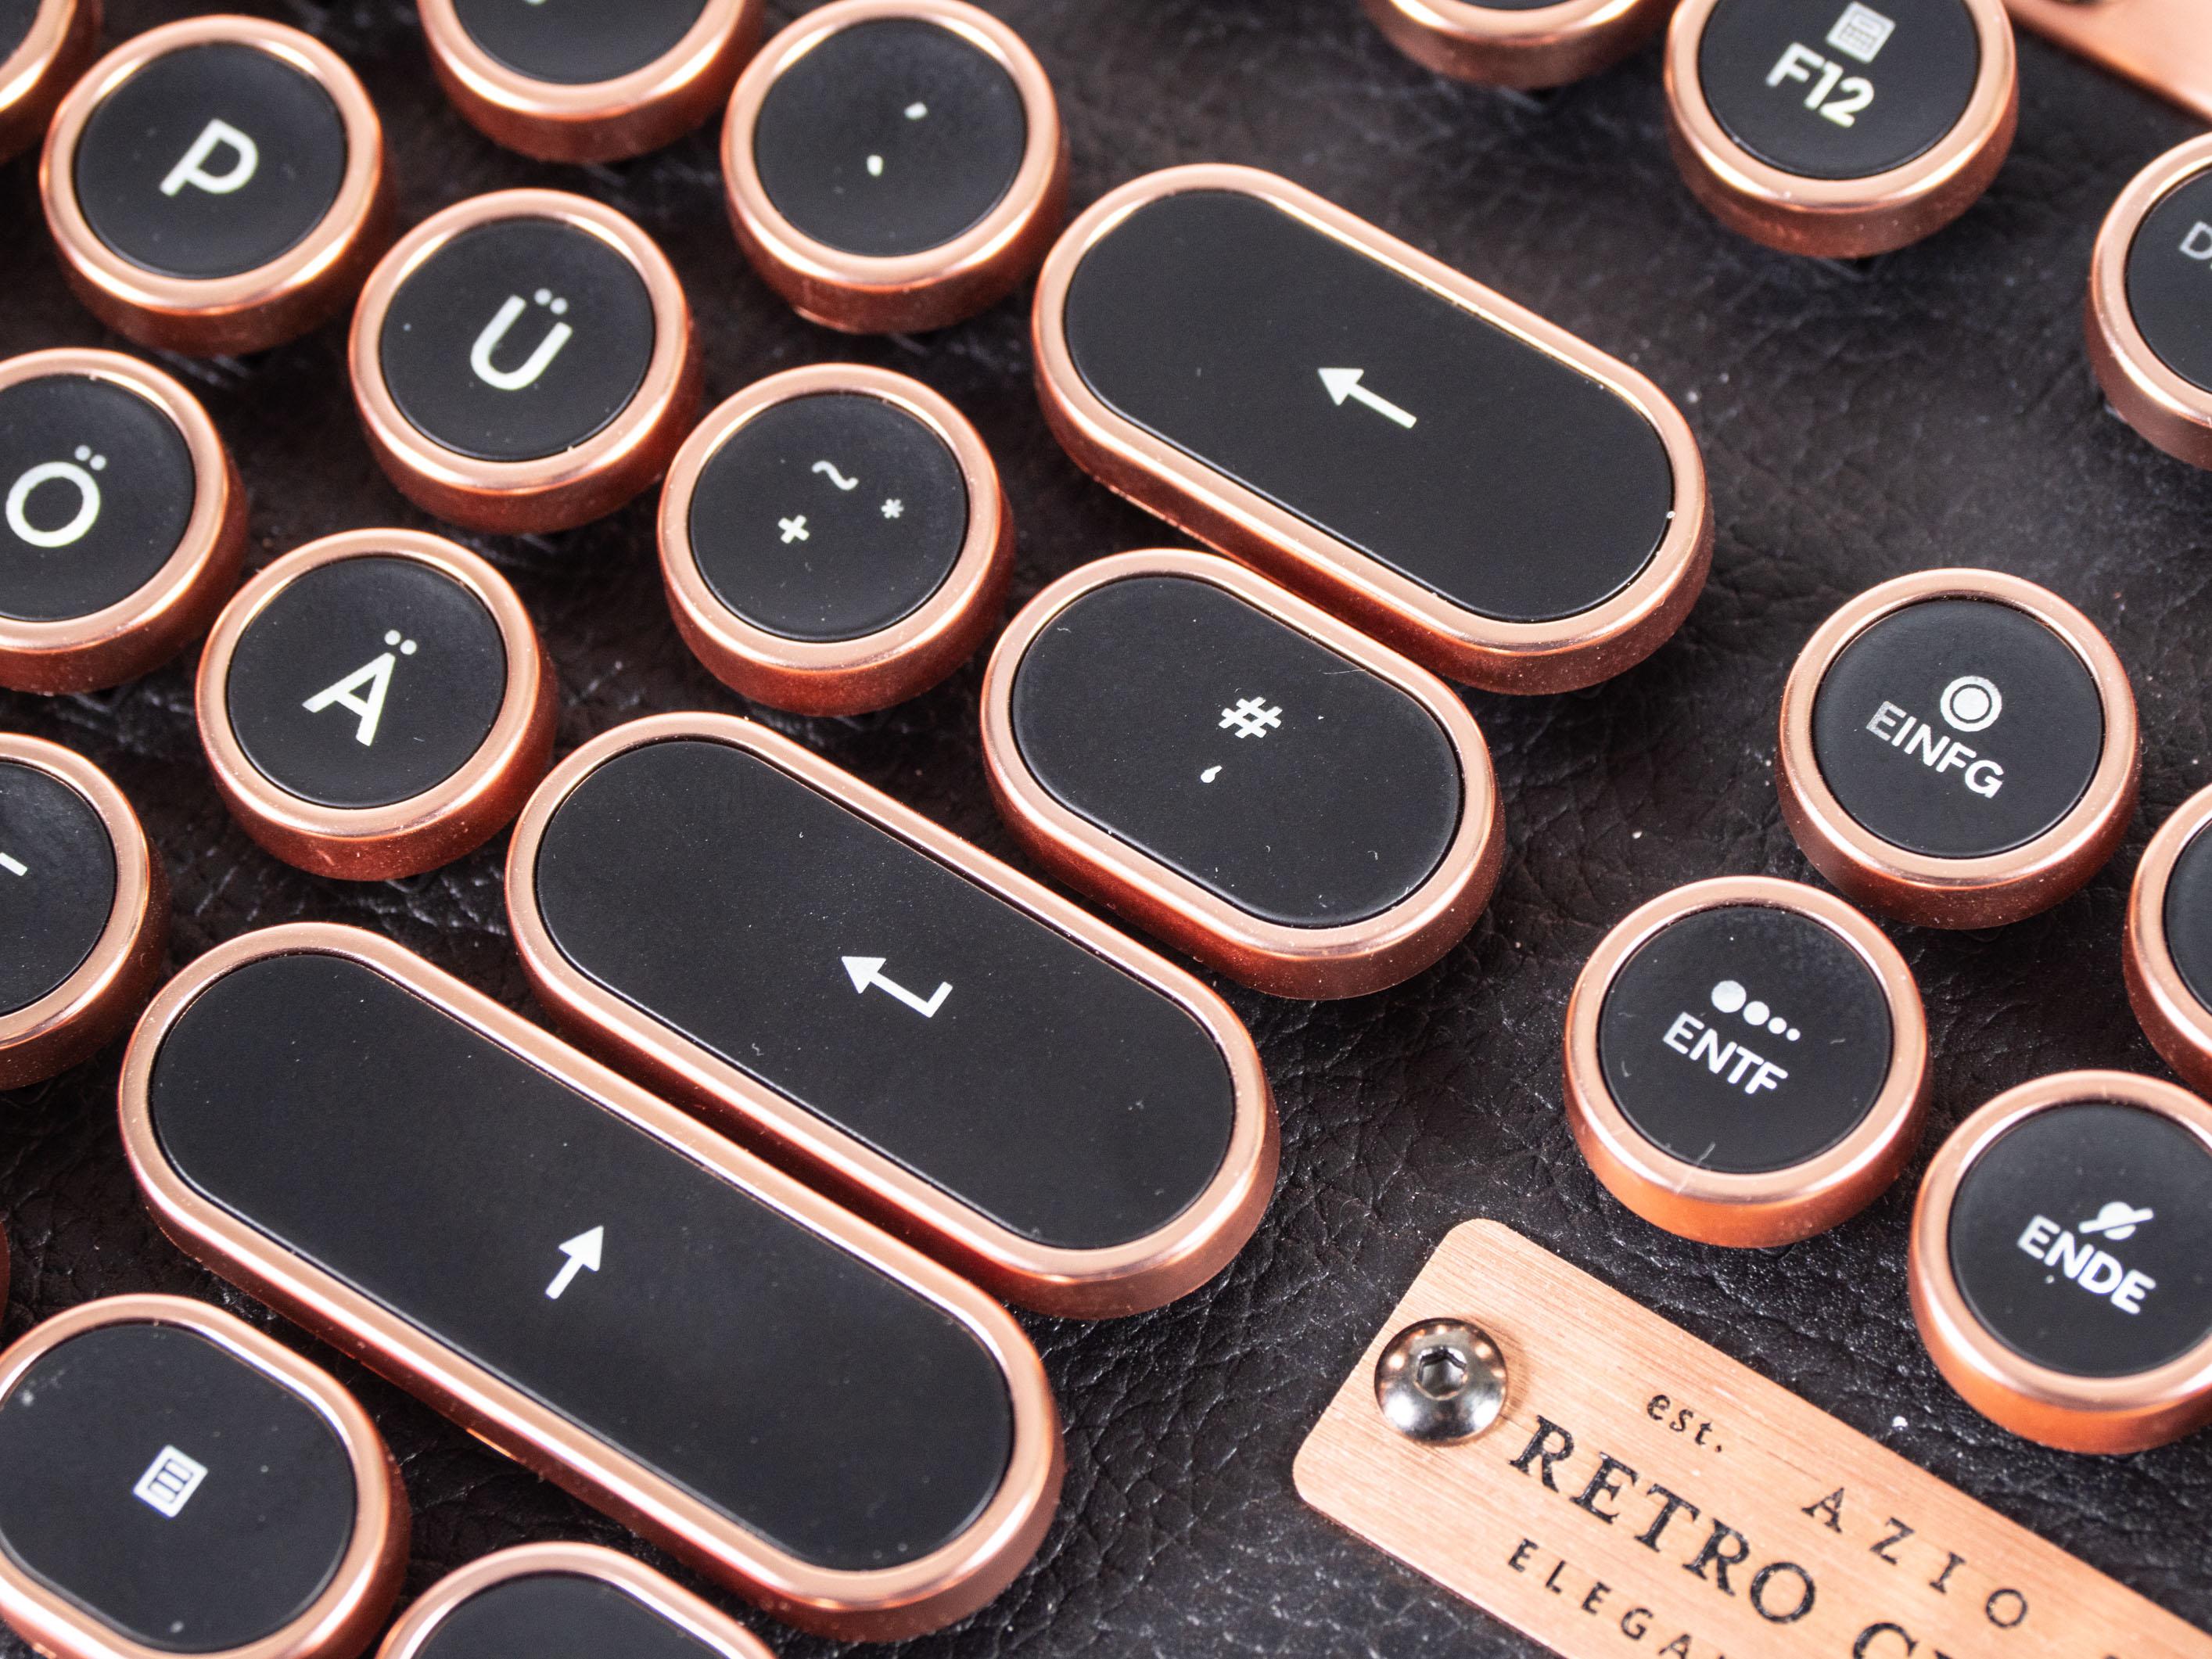 Azio Retro Classic im Test: Außergewöhnlicher Tastatur-Koloss aus Kupfer und Leder - Die Azio Retro Classic kostet 230 Euro. (Bild: Martin Wolf/Golem.de)